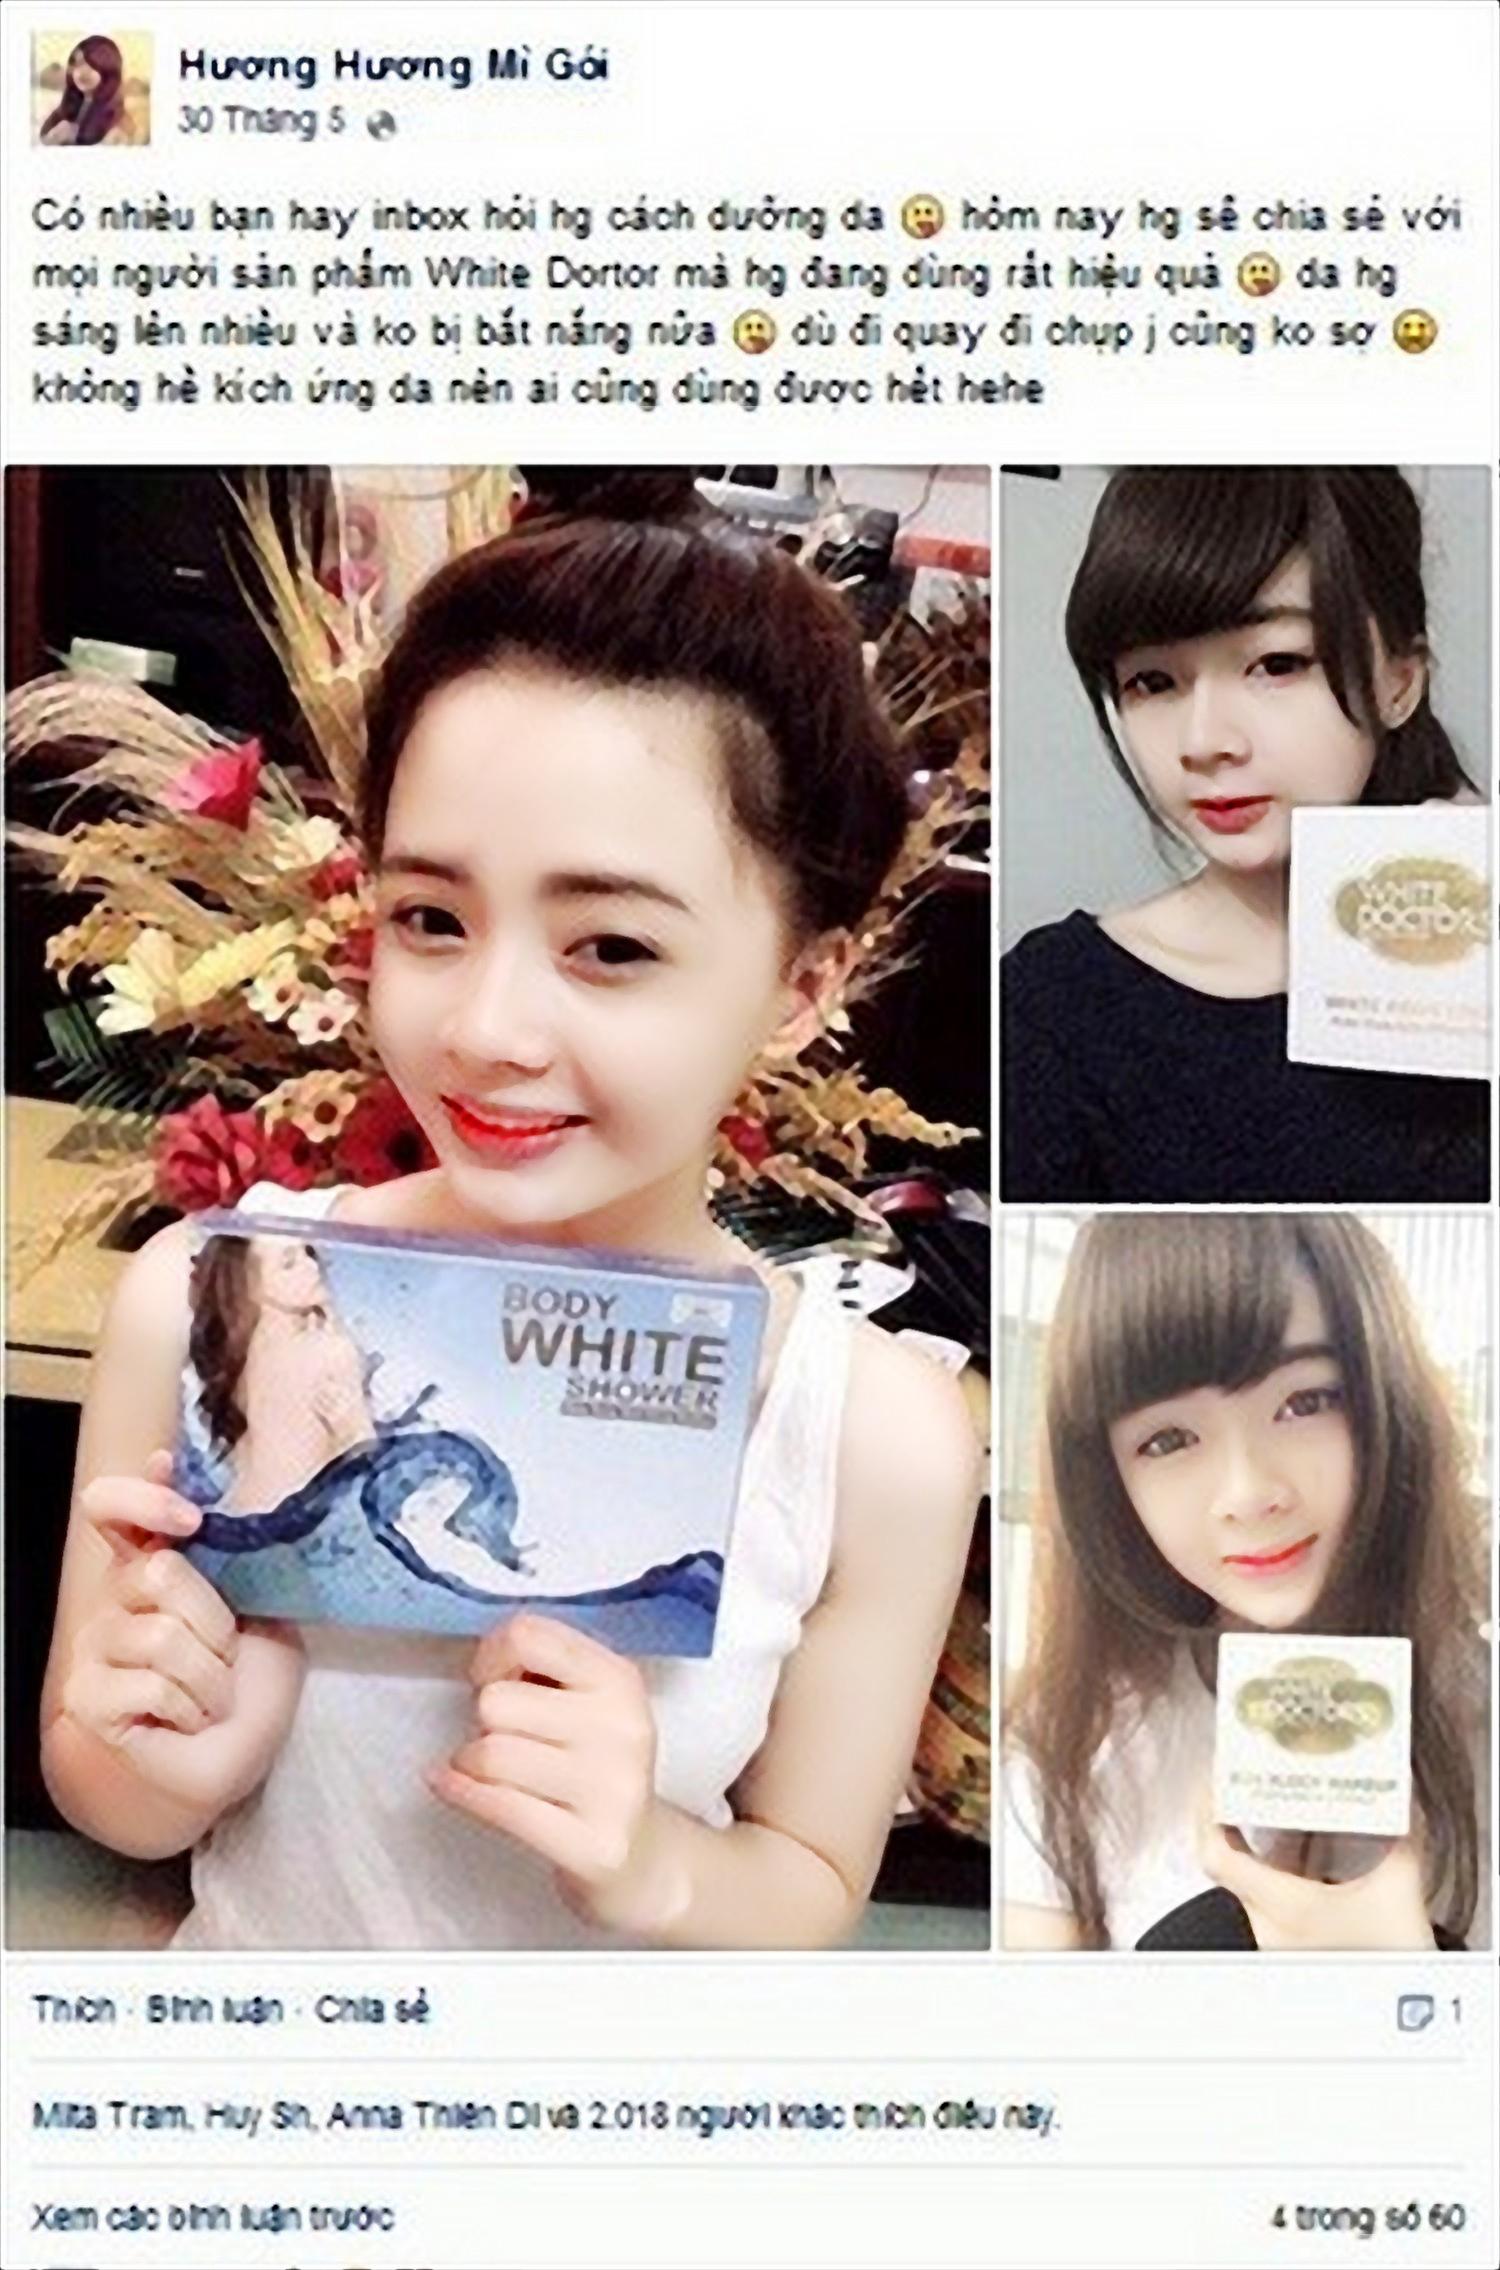 Hủy thu hồi 17 mỹ phẩm White Doctors công ty EBC Việt Nam 9